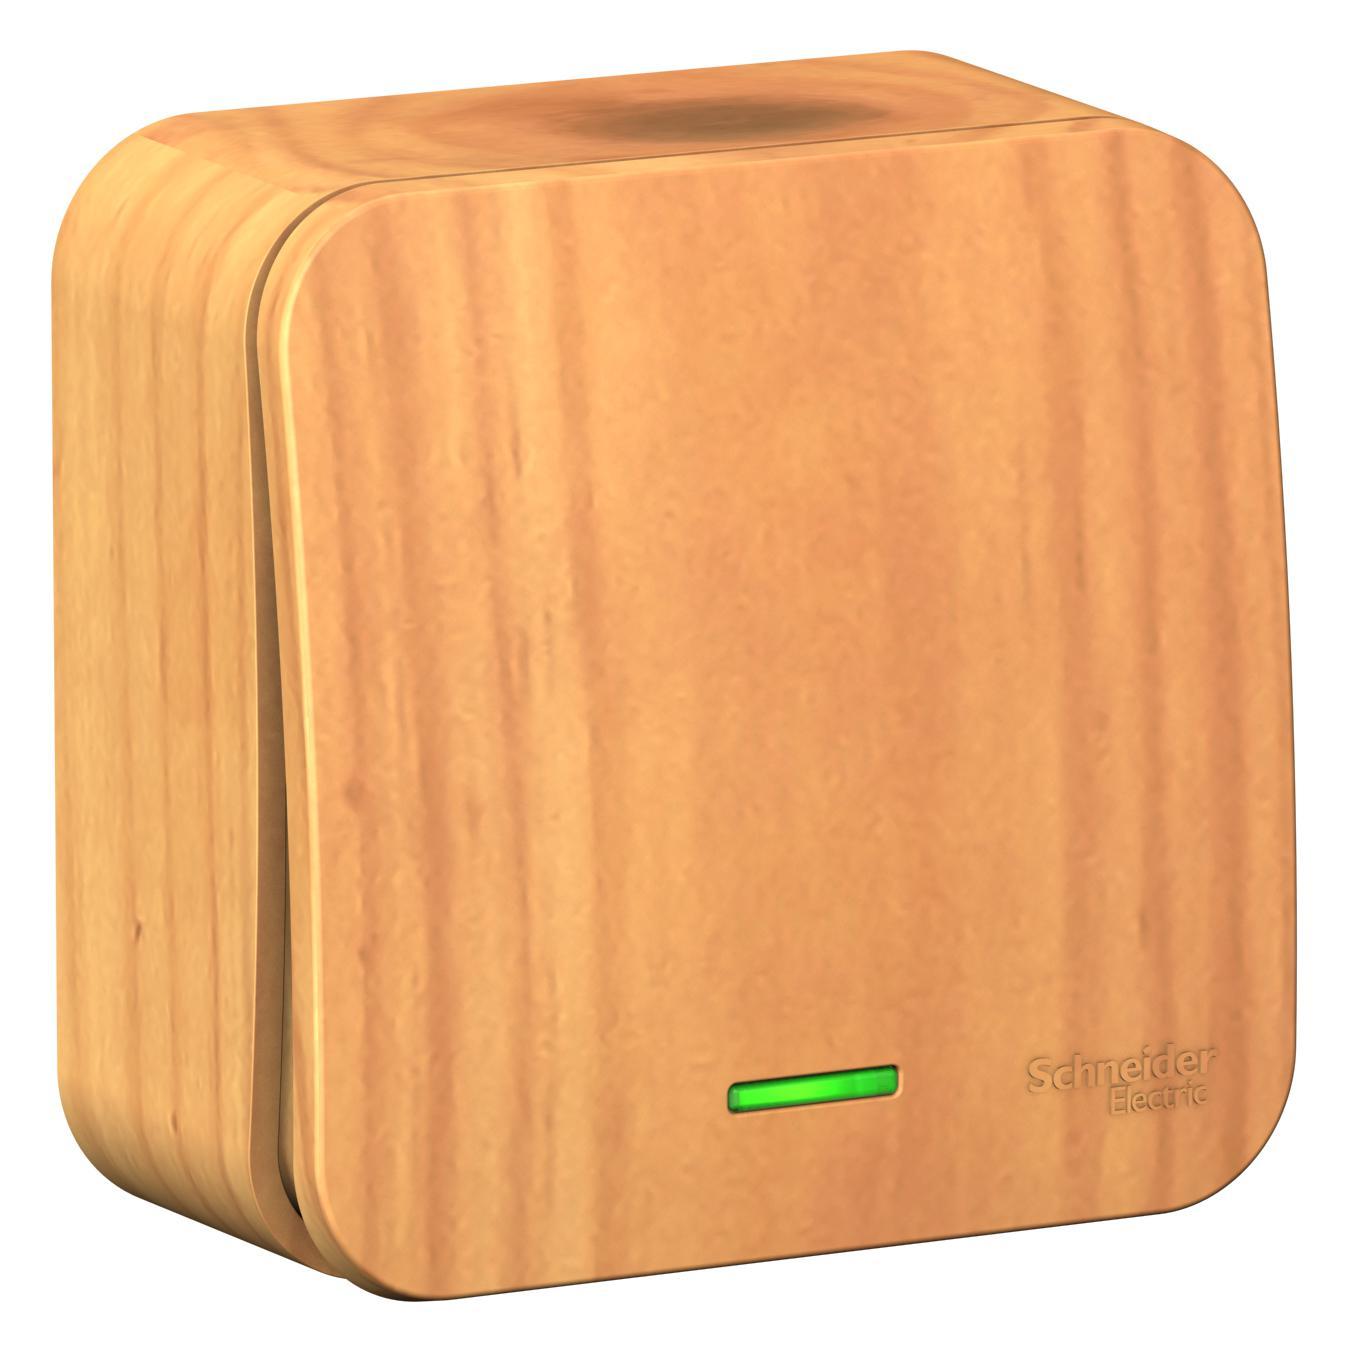 Выключатель Schneider electric Blnva101105 blanca выключатель schneider electric blnva105014 blanca